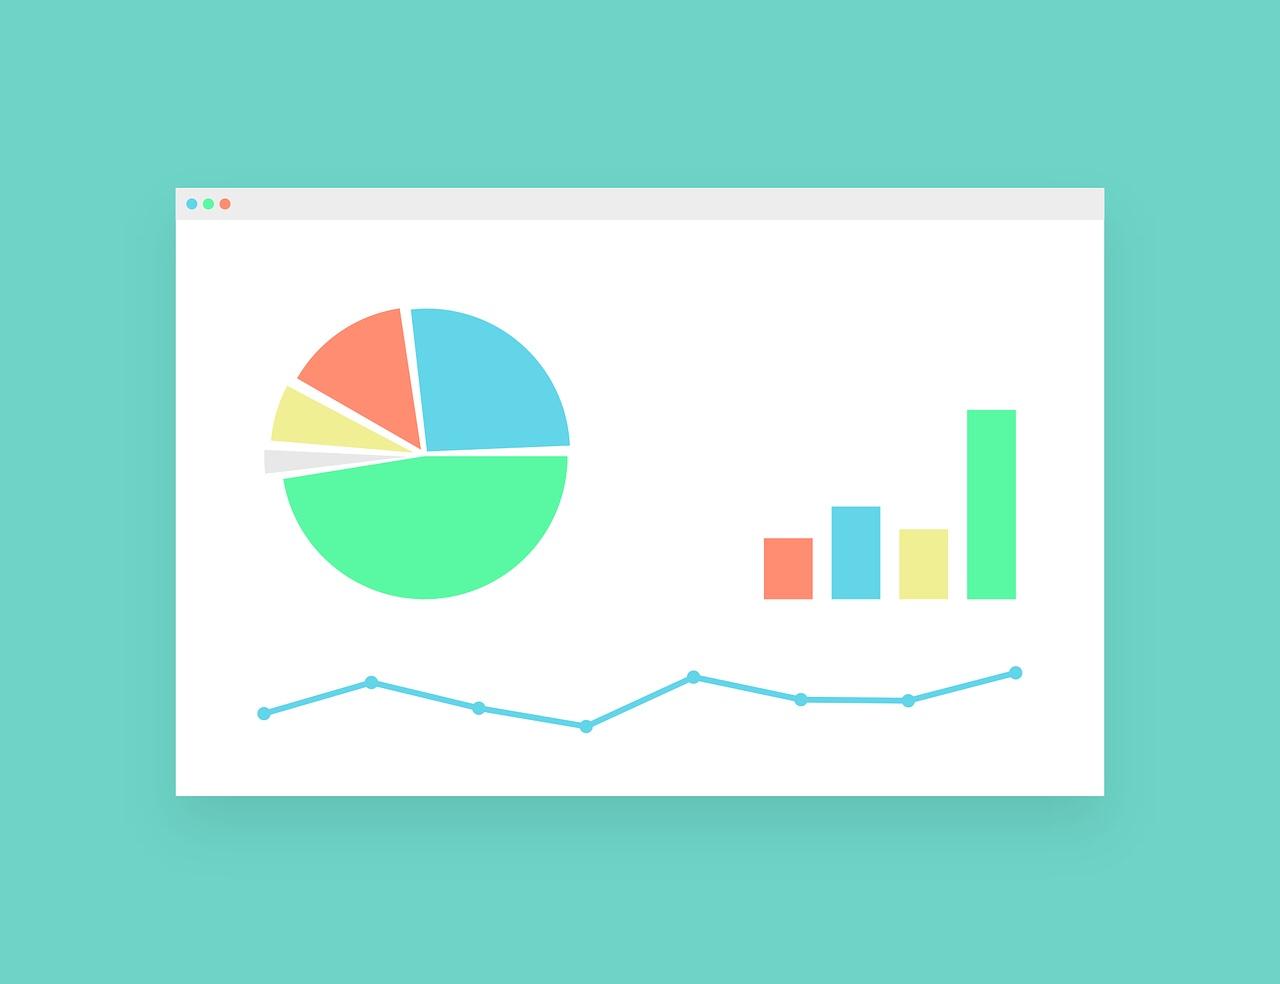 簡単にサイトにウィジェットを表示できる「GetSiteControl」のアクセス解析方法